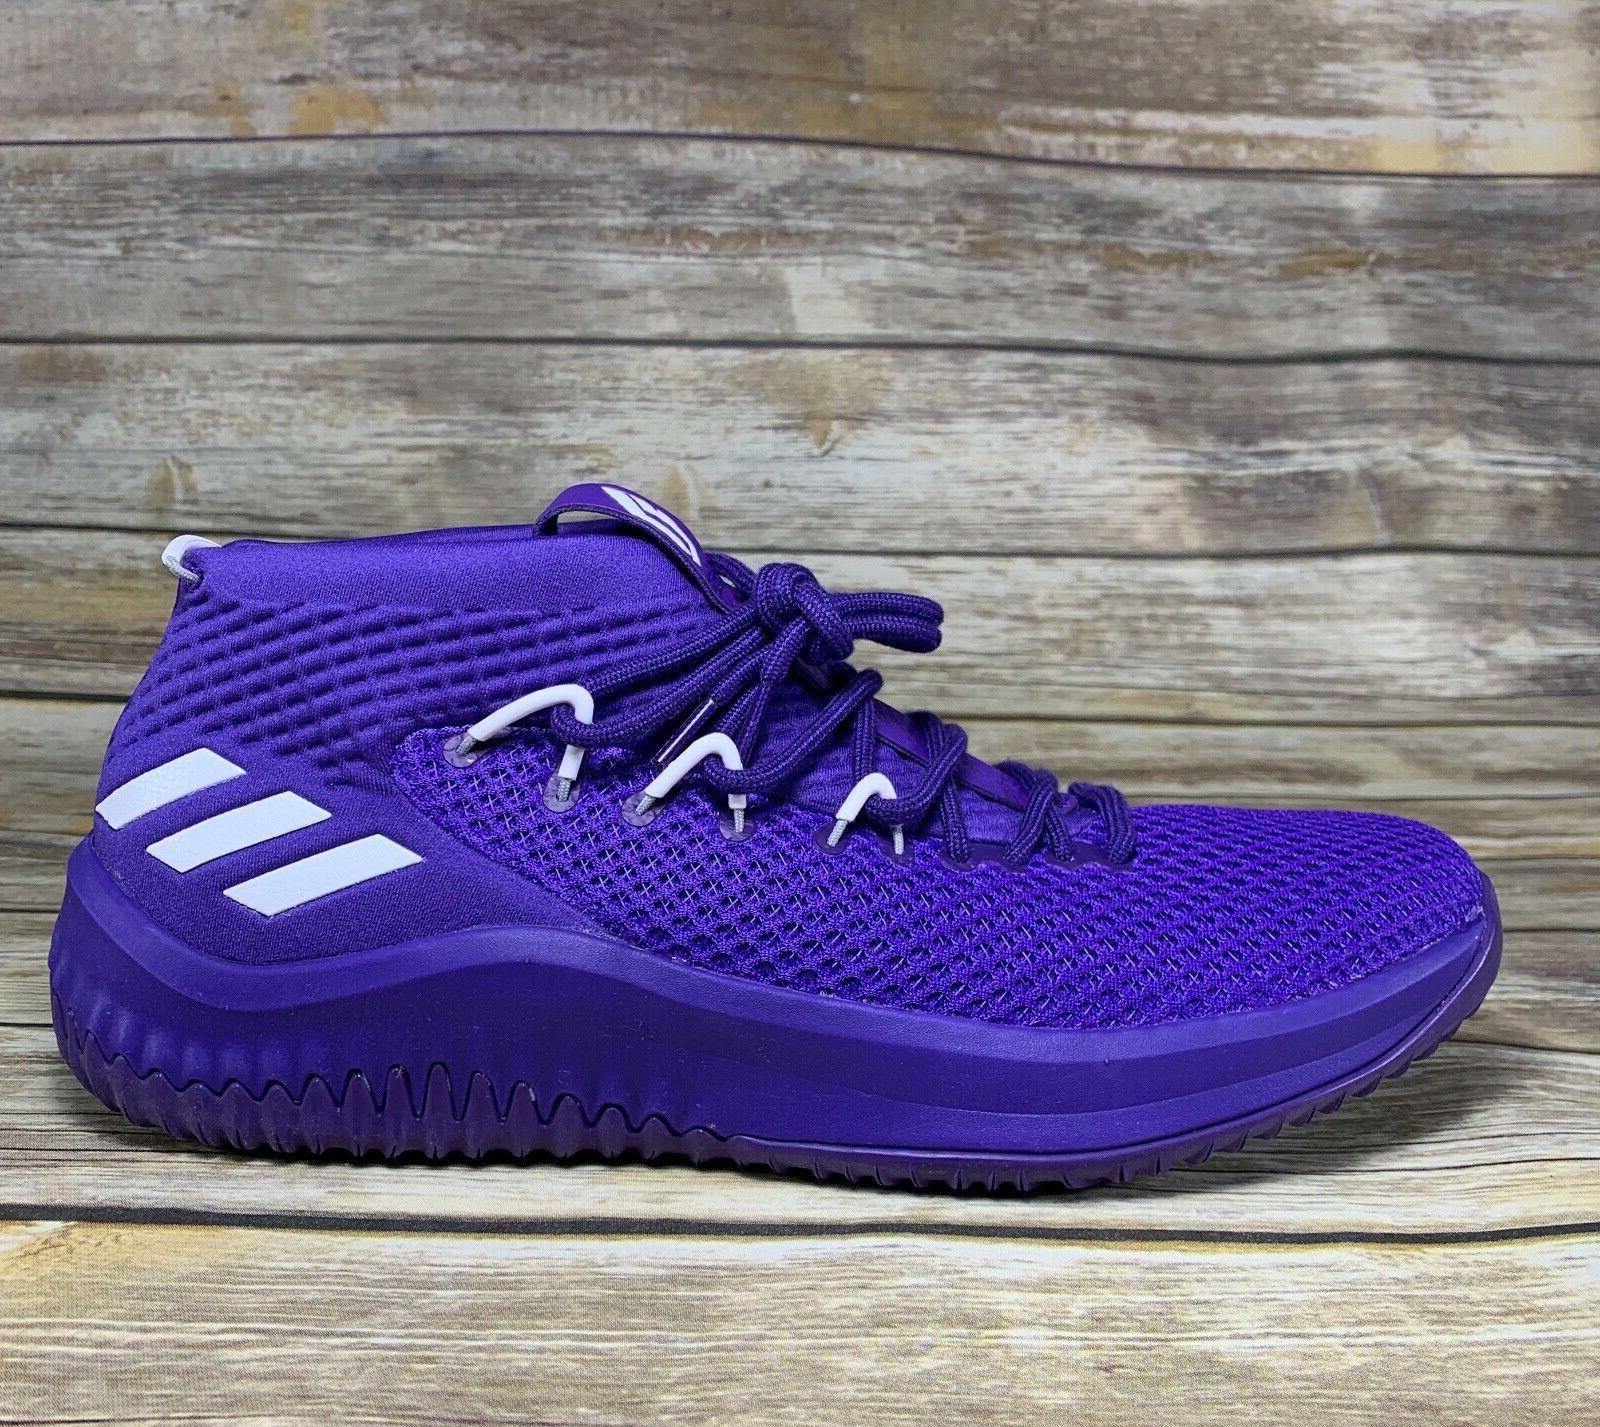 Adidas Dame 4 Men's Basketball Shoes Purple White Damian L S